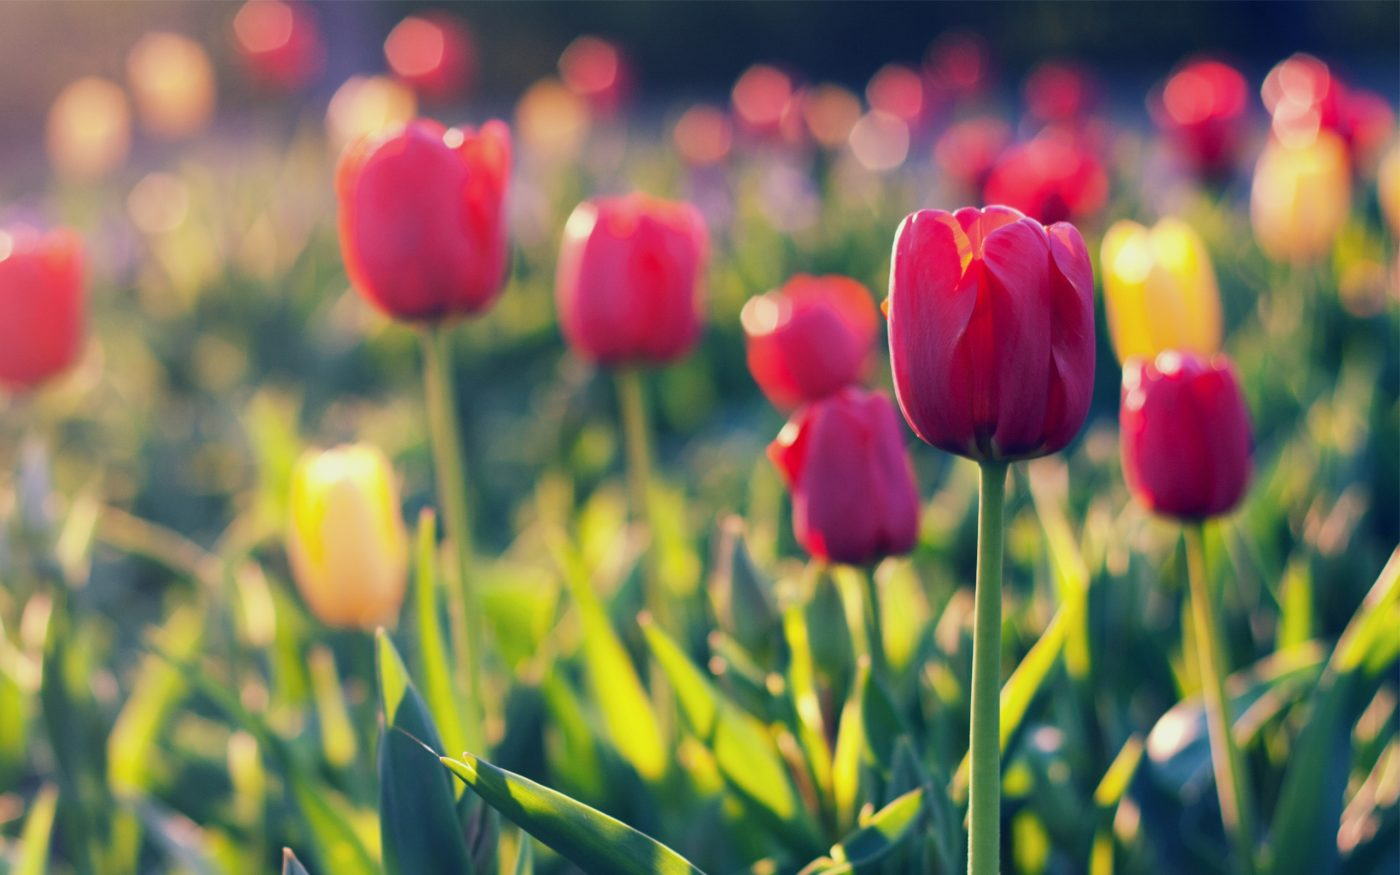 Summer-garden-tulip-blurred-background_2560x1600